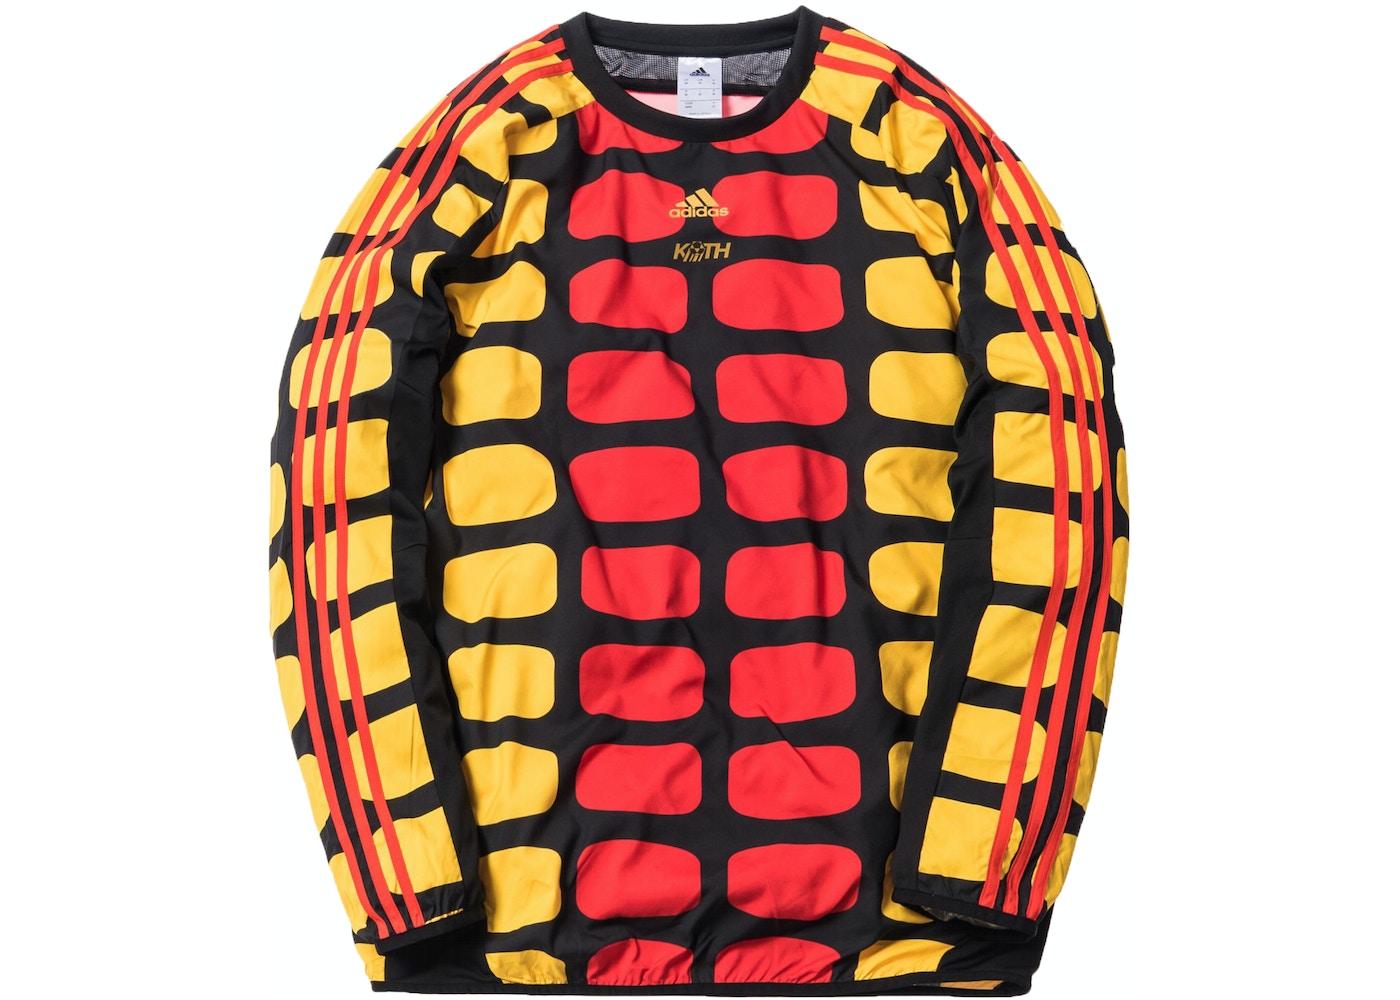 db96aea8801 Kith x adidas Soccer Goalie Jersey Cobras - SS18